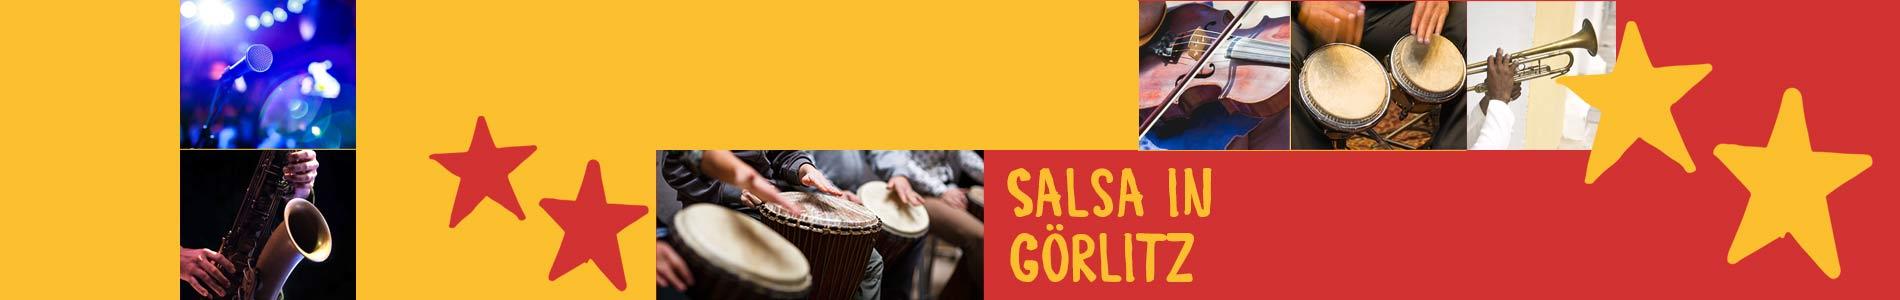 Salsa in Görlitz – Salsa lernen und tanzen, Tanzkurse, Partys, Veranstaltungen